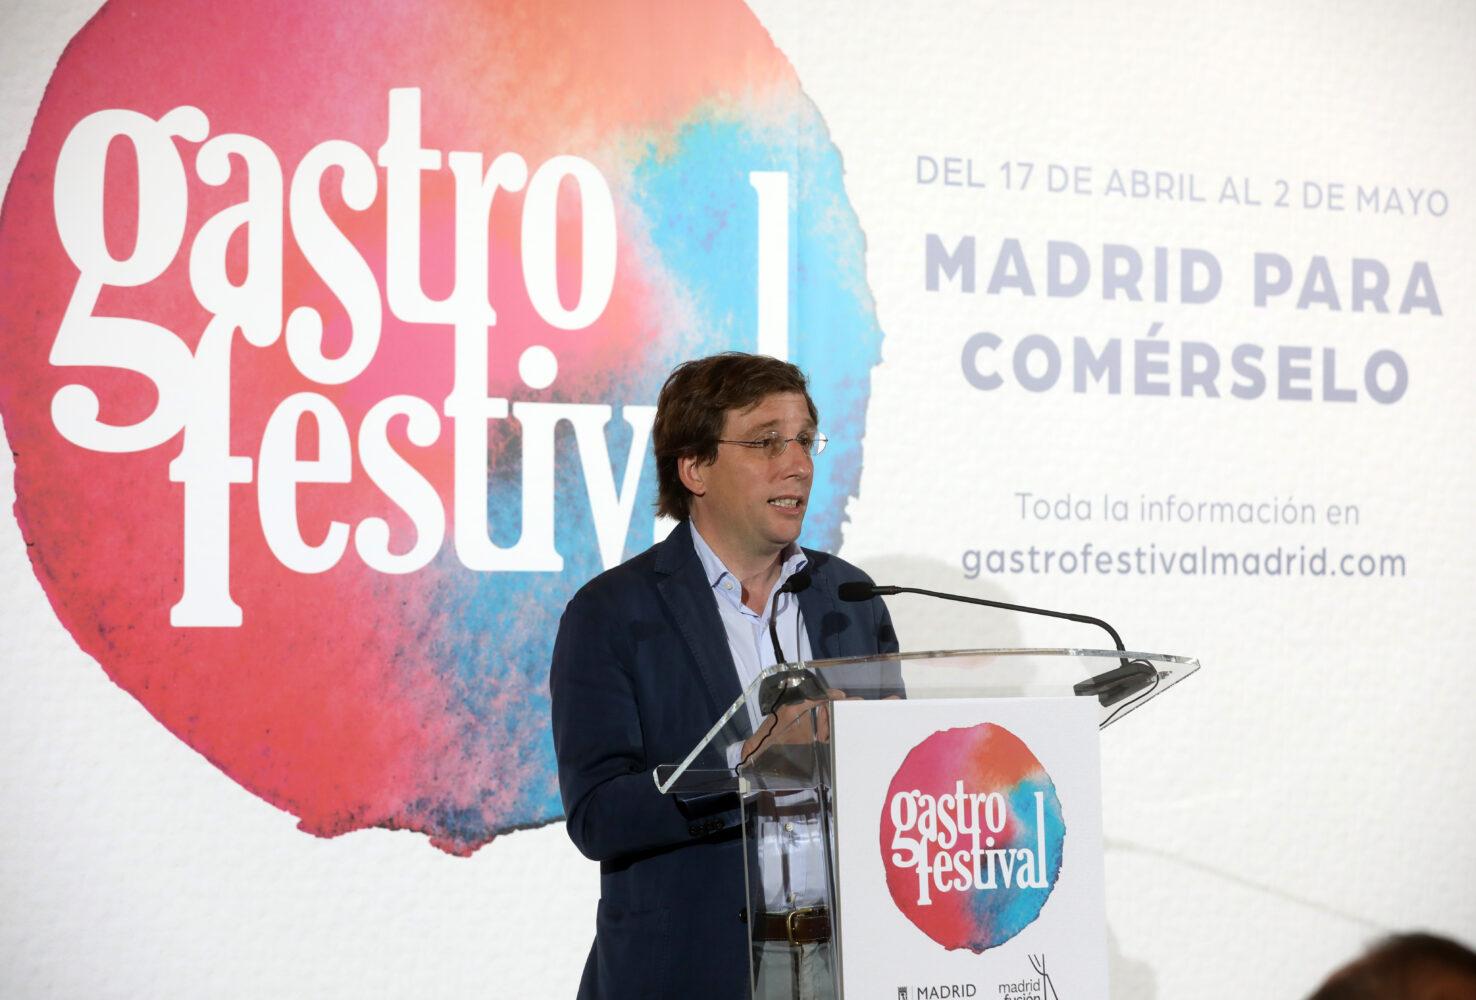 Emilia Pardo Bazán y la cocina iberoamericana, protagonistas de Gastrofestival Madrid 2021 - La Viña